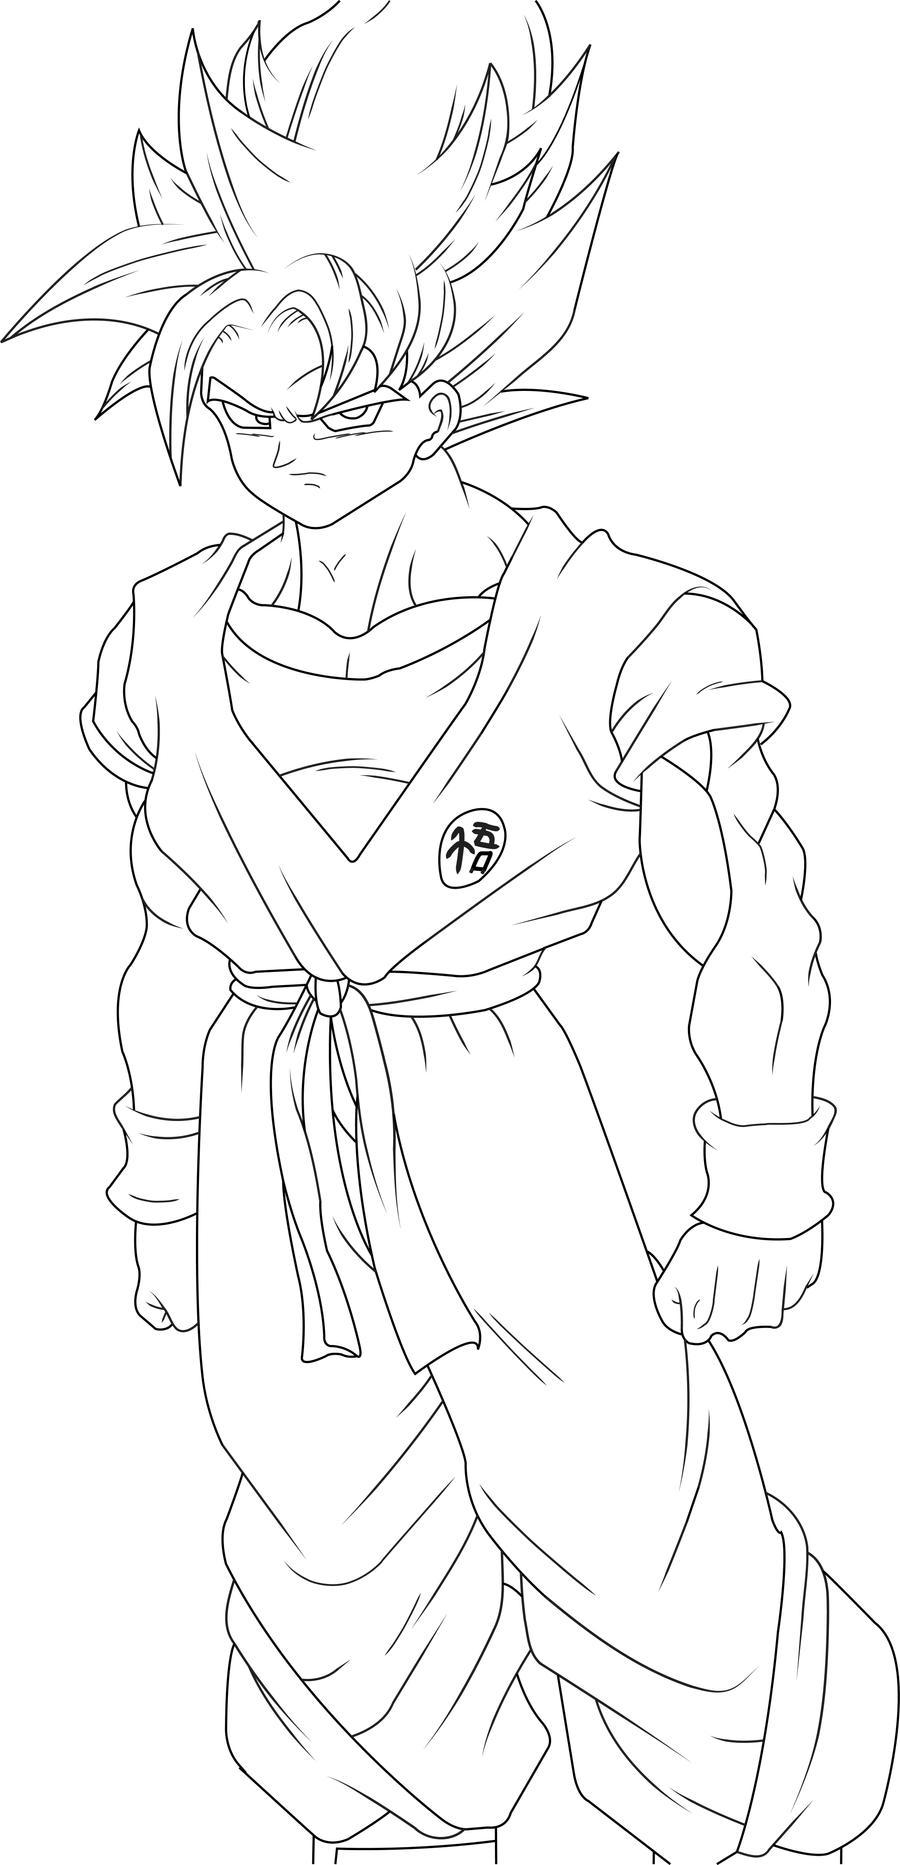 Super Saiyan Goku Line Art by luffy12356 on DeviantArt